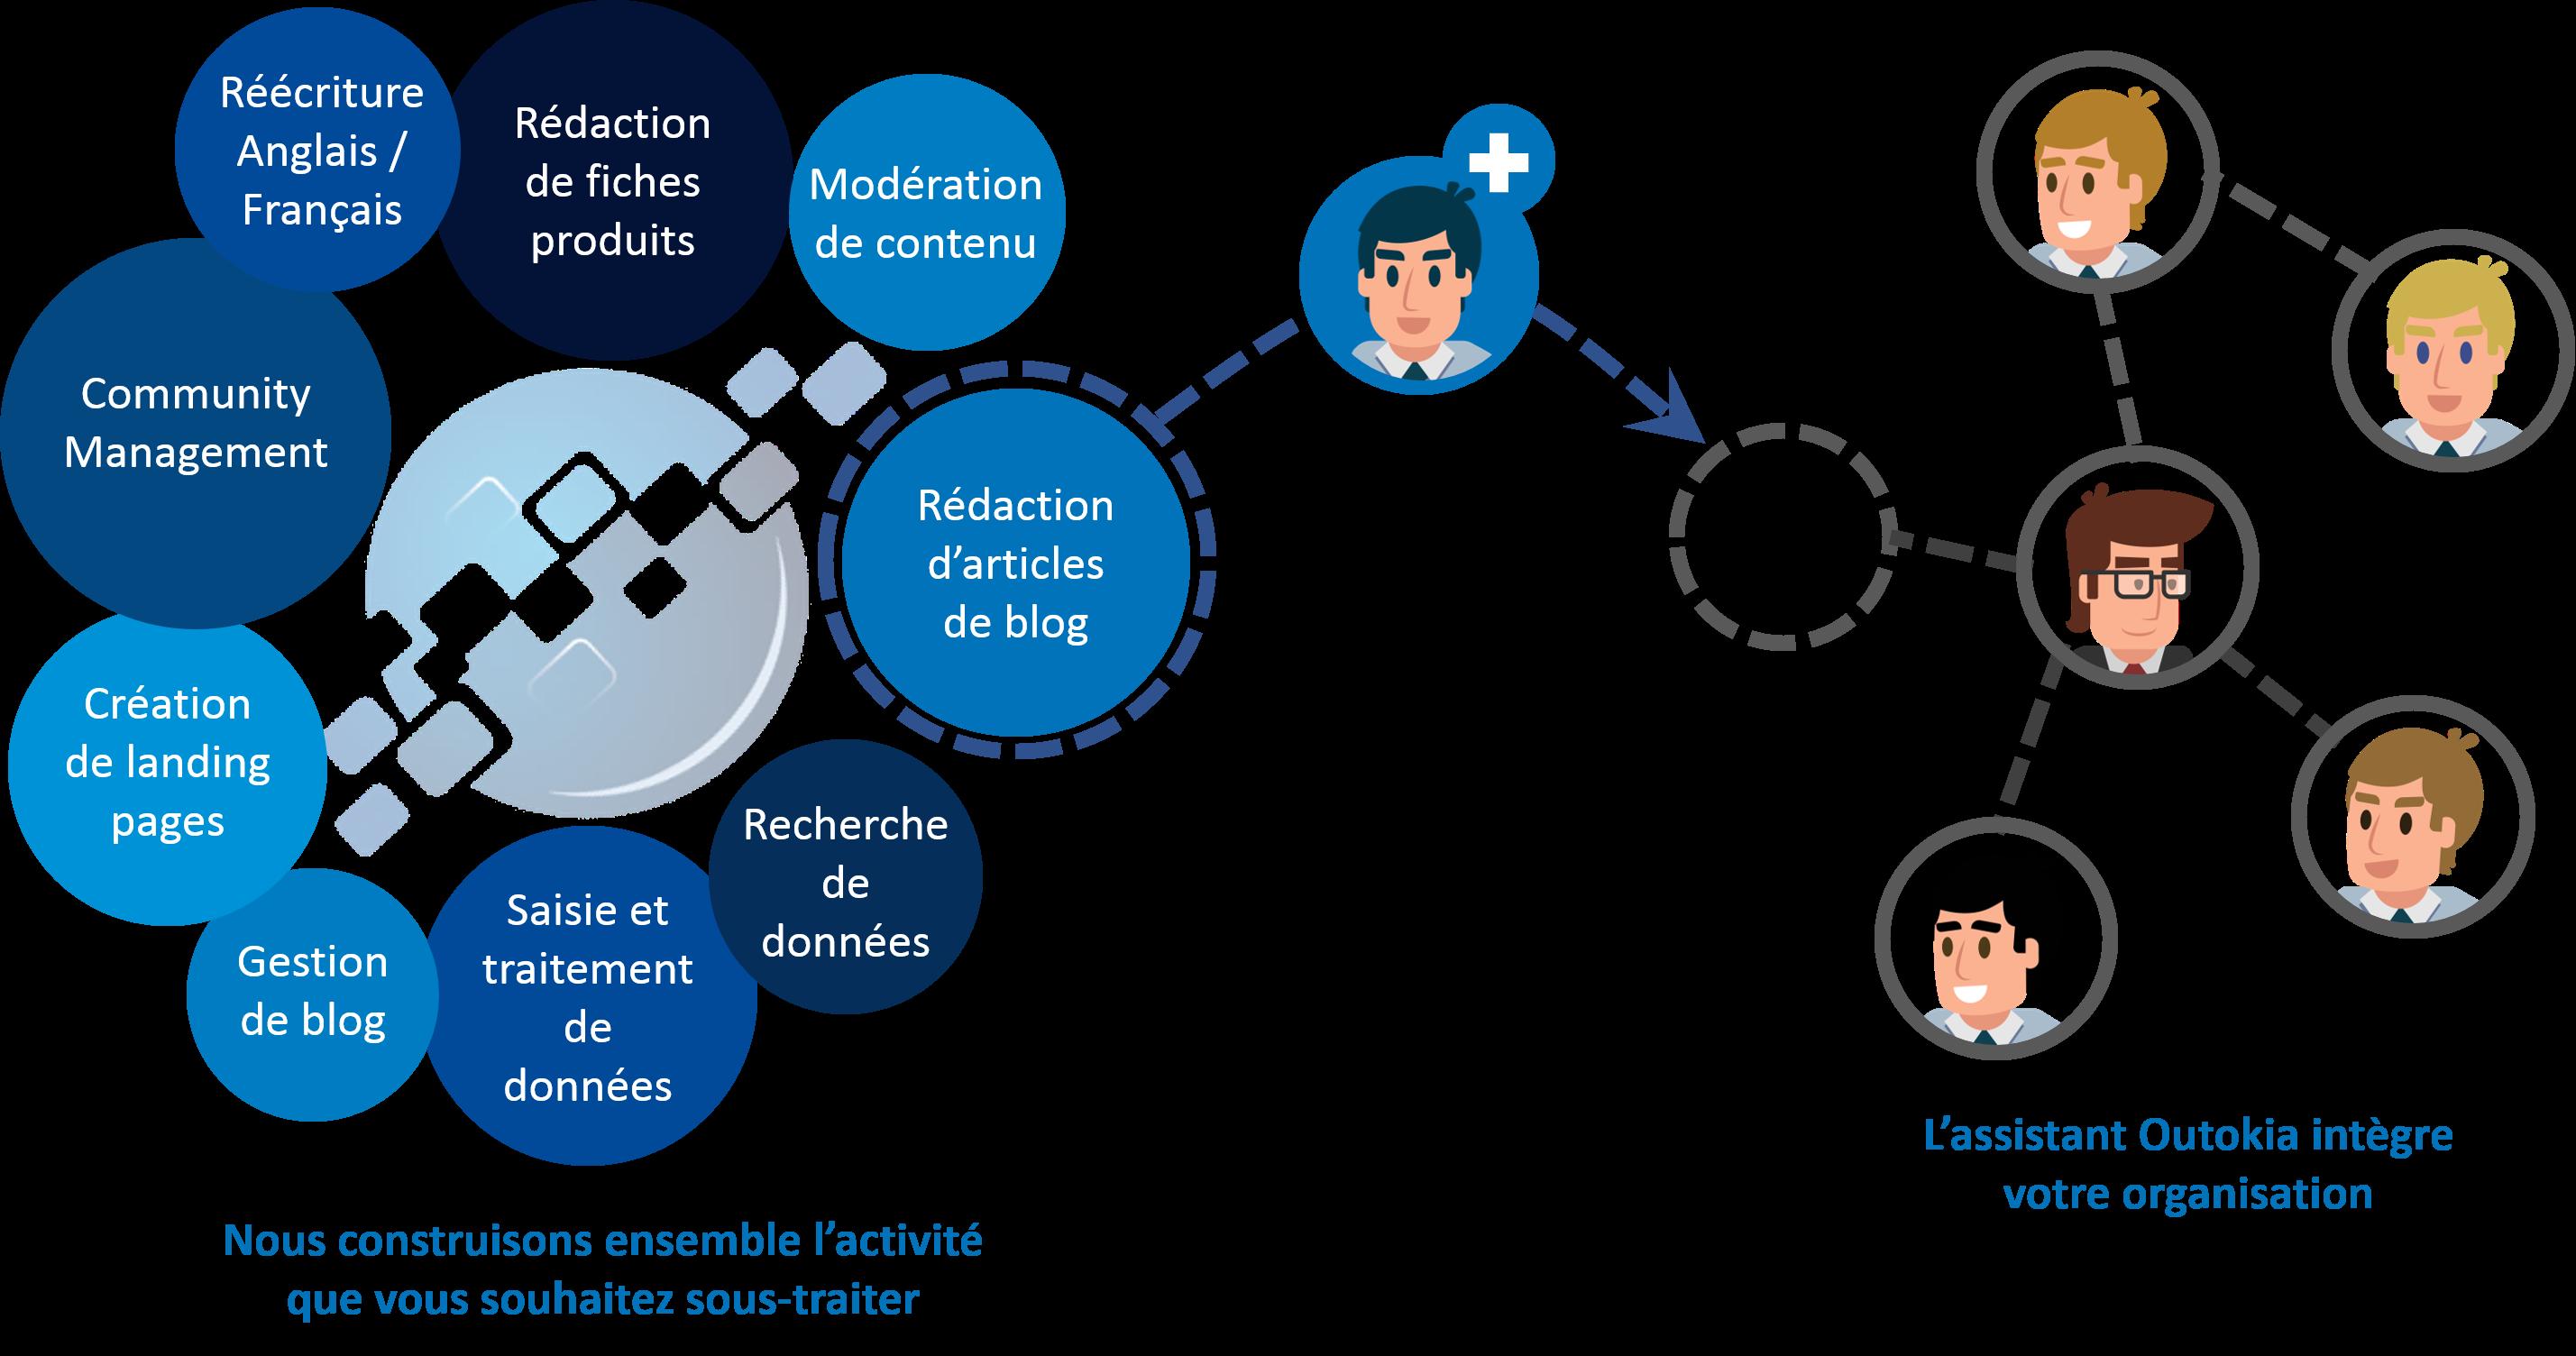 Schéma qui représente les activités de rédaction de contenu web proposées et l'intégration de l'assistant Outokia au sein des équipes du client